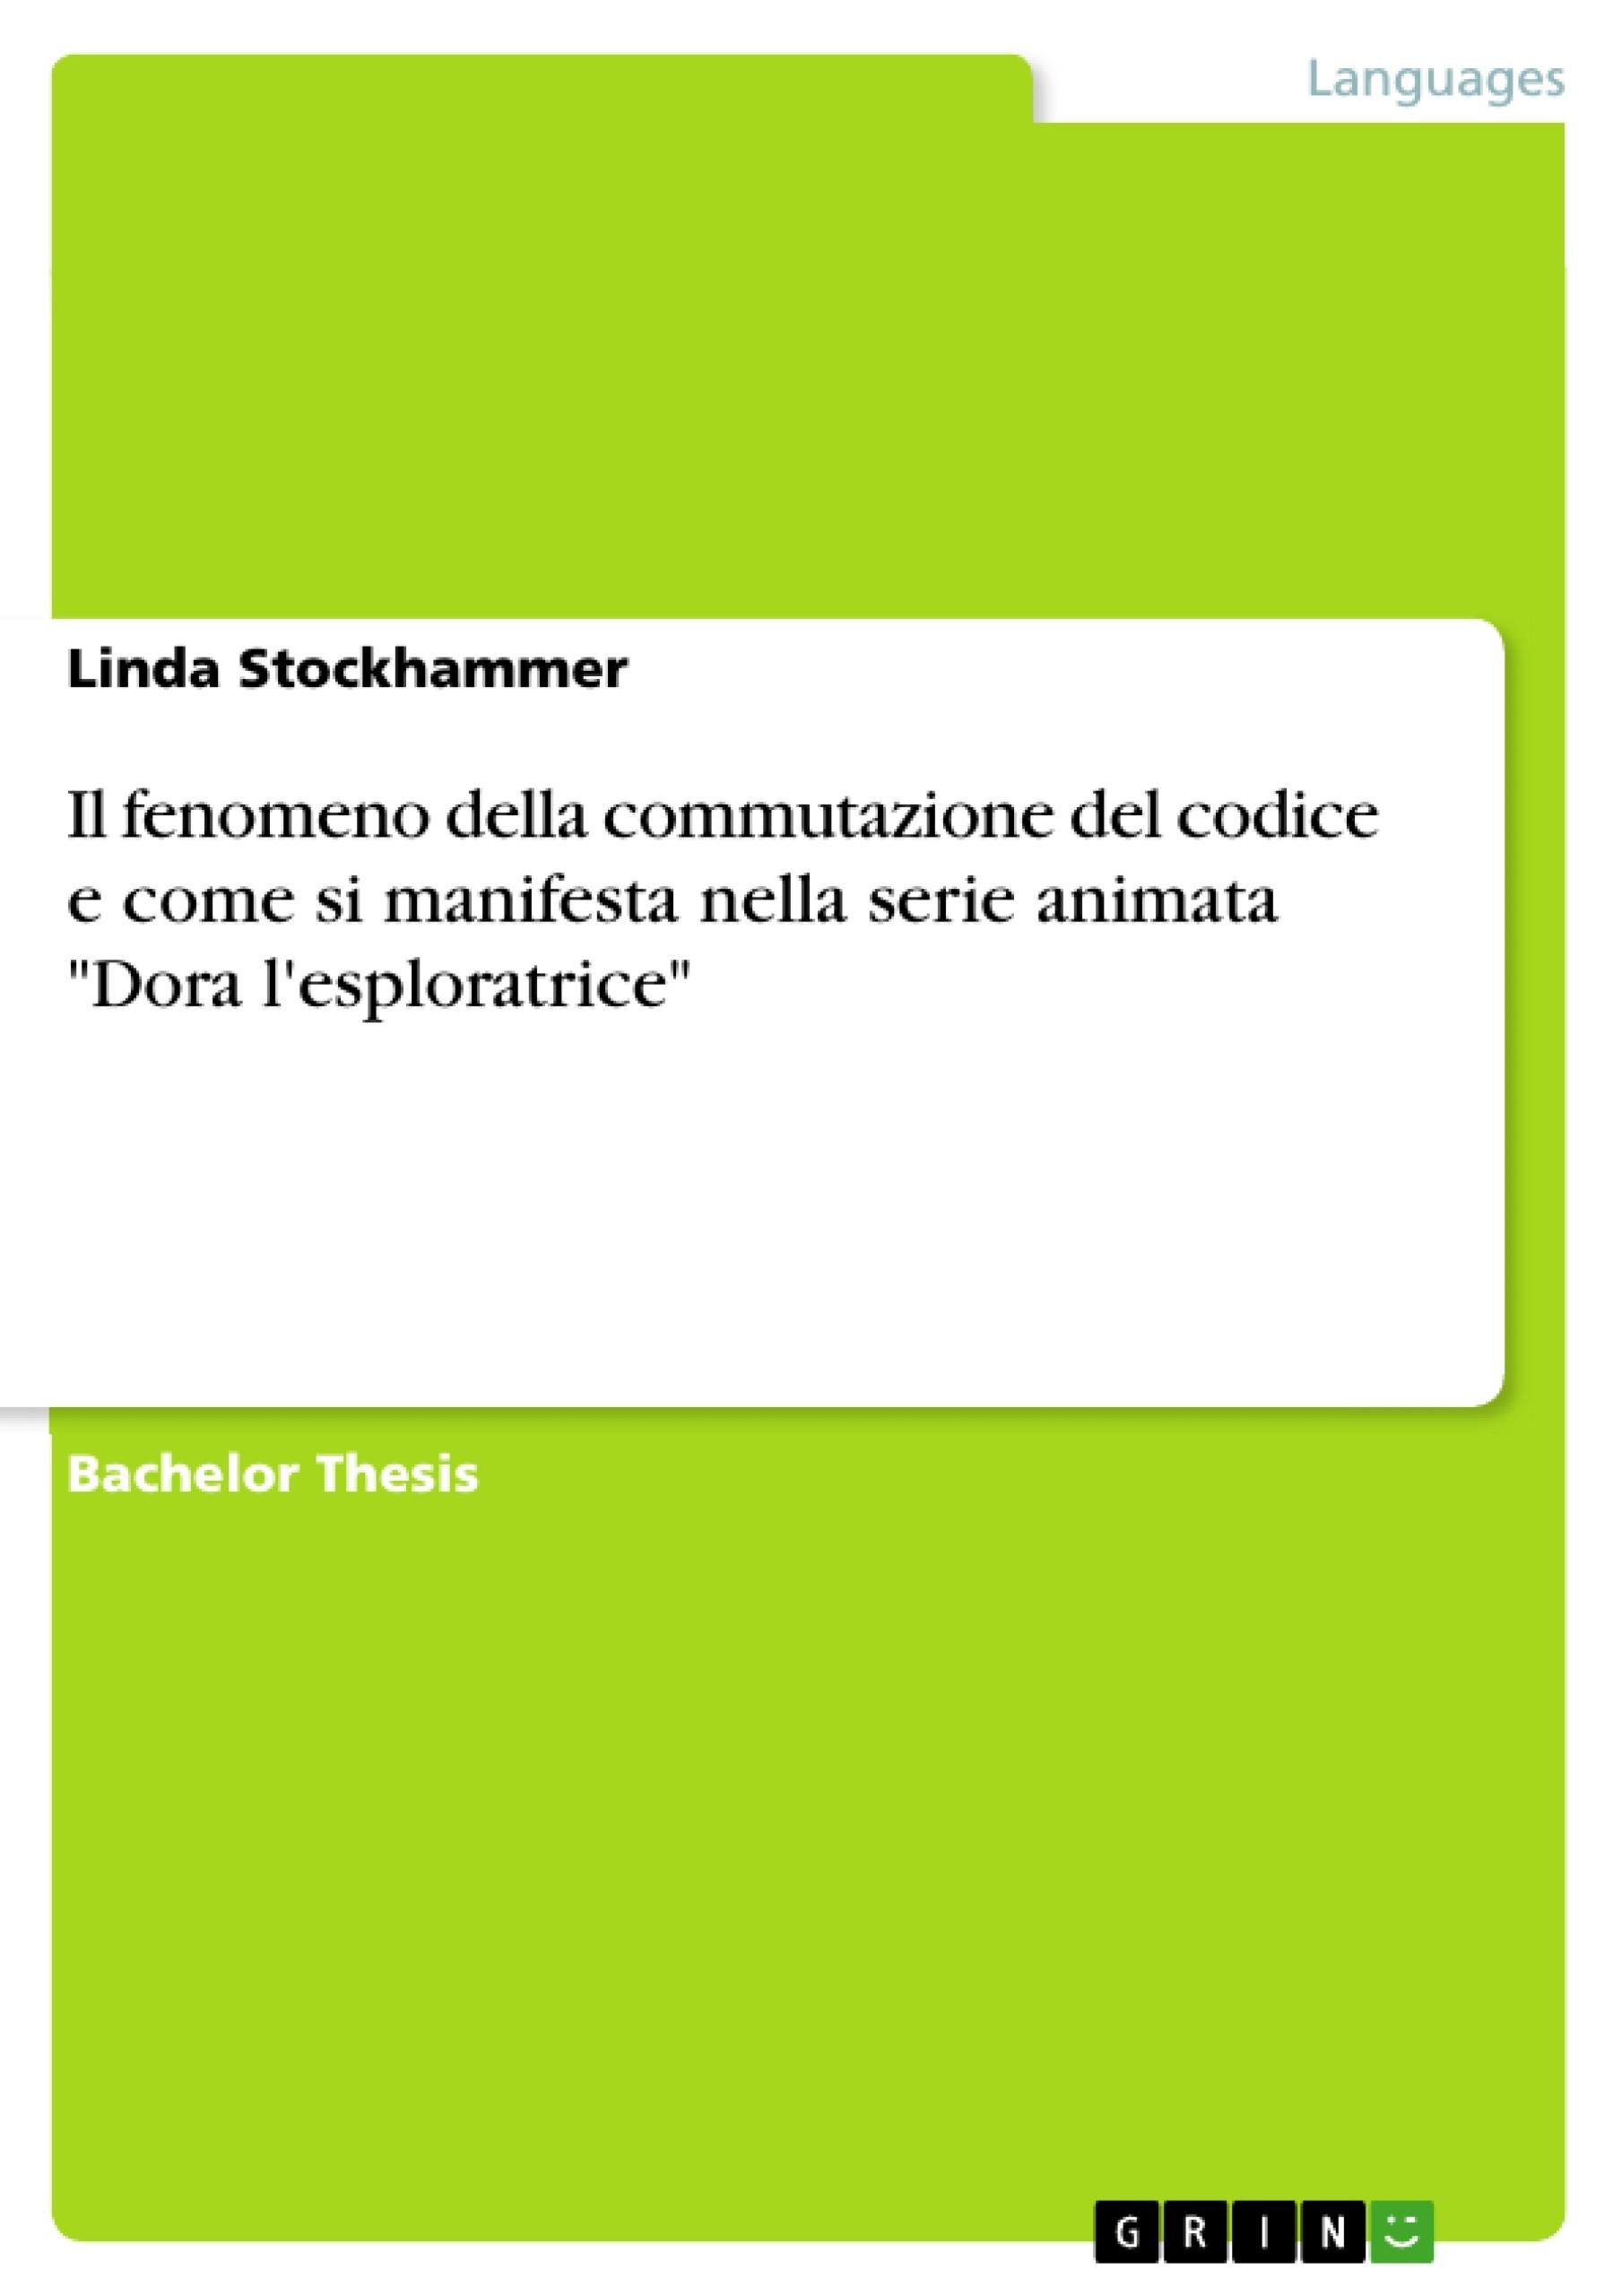 """Title: Il fenomeno della commutazione del codice e come si manifesta nella serie animata """"Dora l'esploratrice"""""""